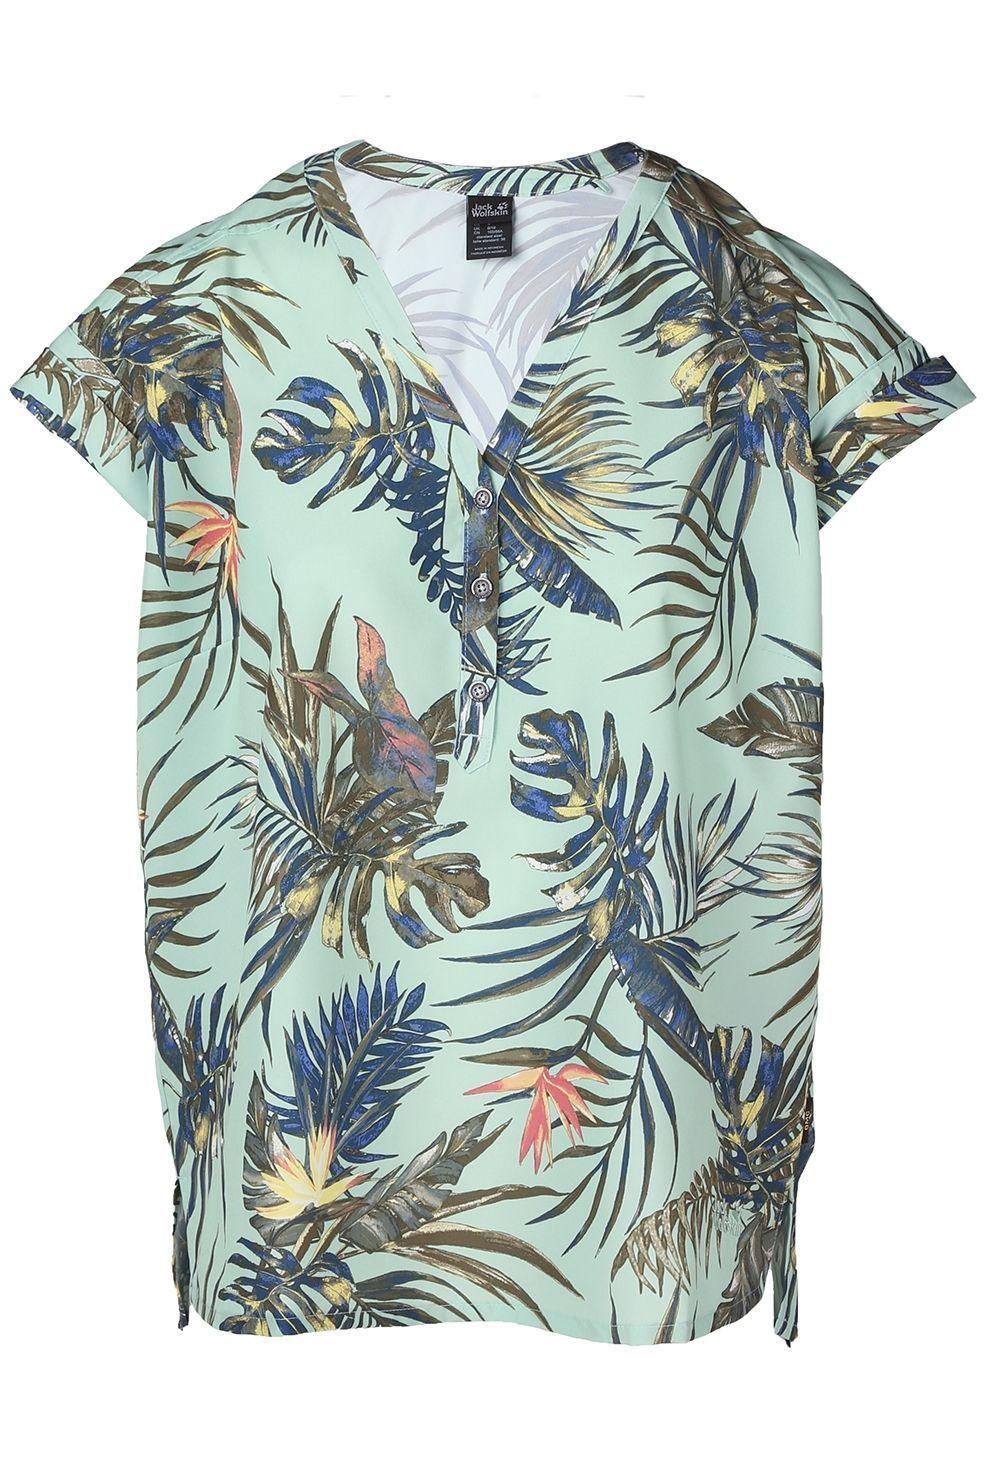 Jack Wolfskin T-Shirt Victoria Tropical voor dames - Groen - Maten: XS, S, M, L, XL, XXL